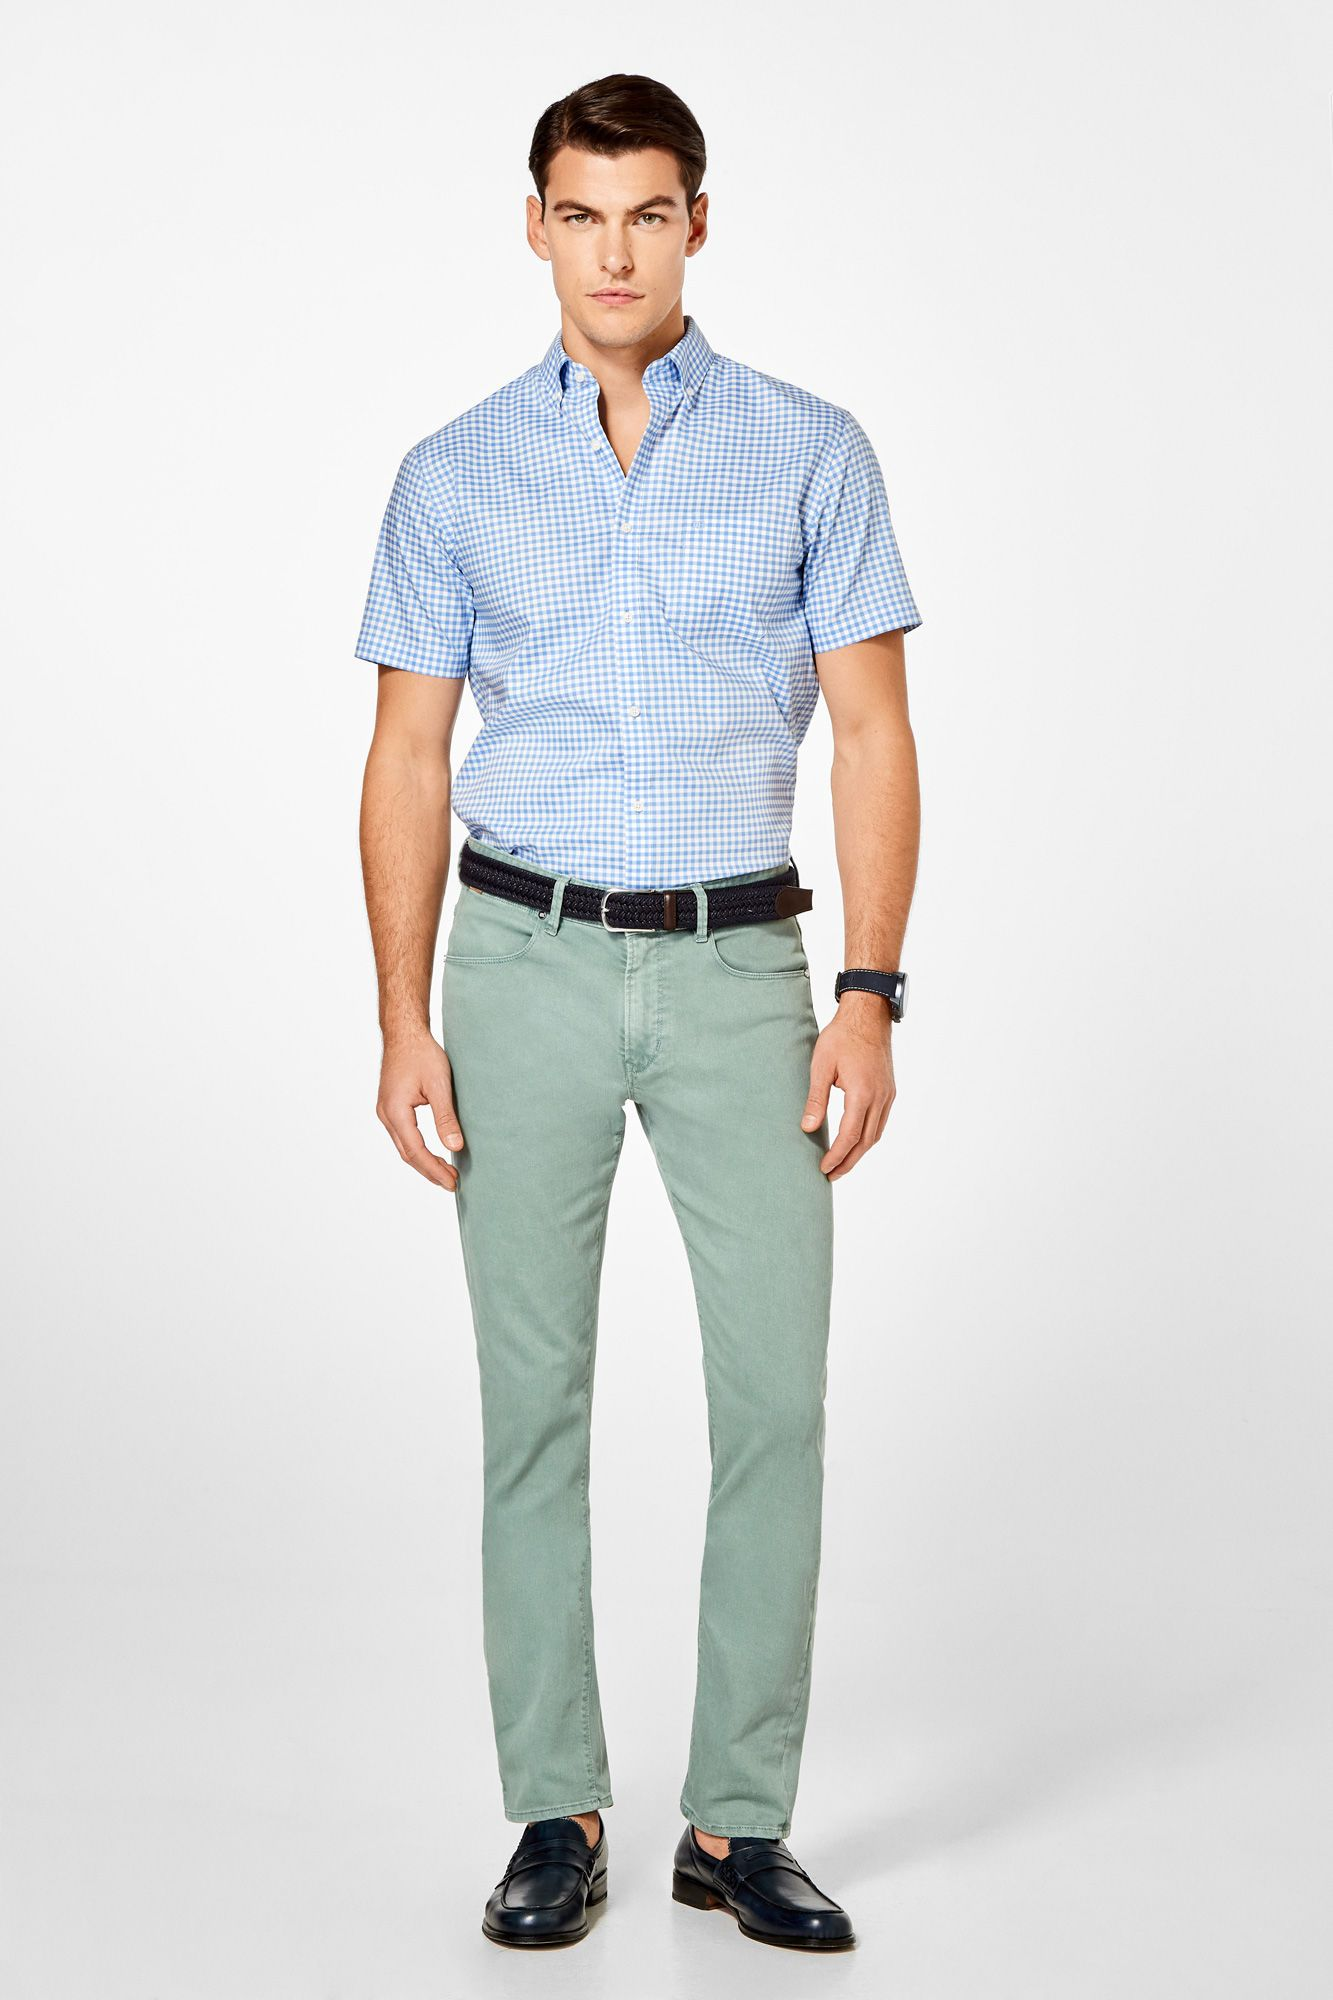 d20a3e3598 Pedro del Hierro Camisa manga corta non-iron cuadros Azul